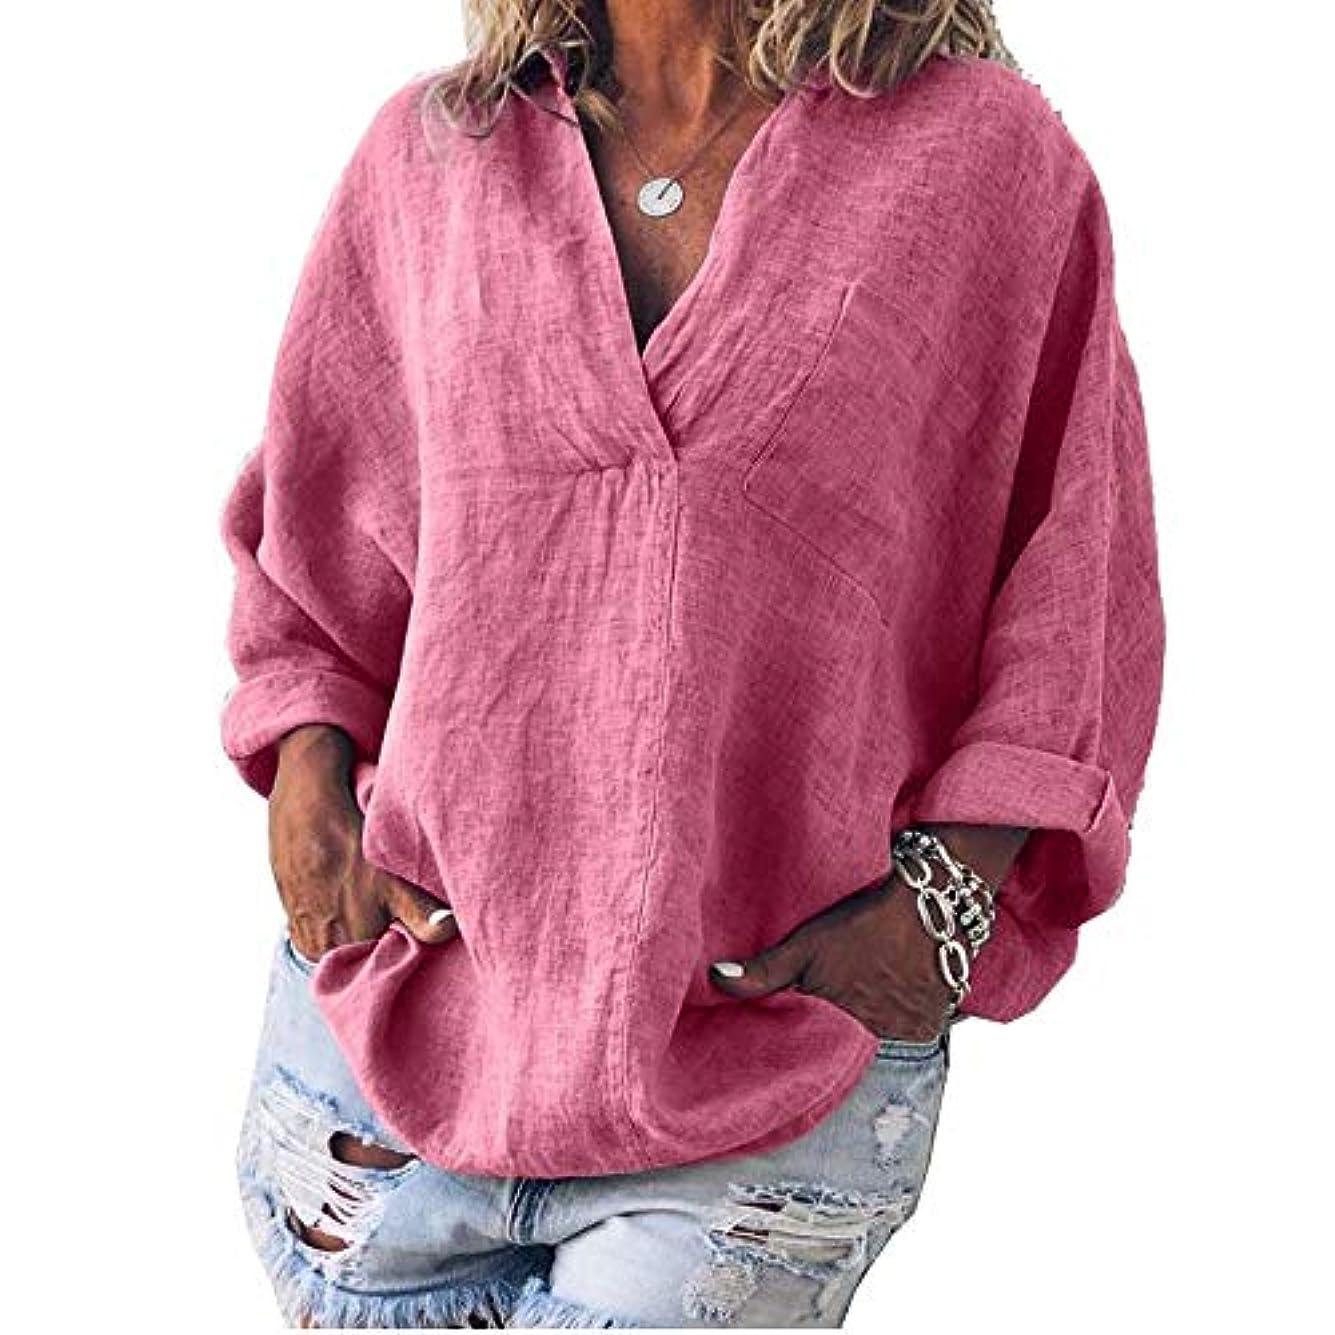 クリープ付与道MIFAN女性ファッション春夏チュニックトップス深いVネックTシャツ長袖プルオーバールーズリネンブラウス